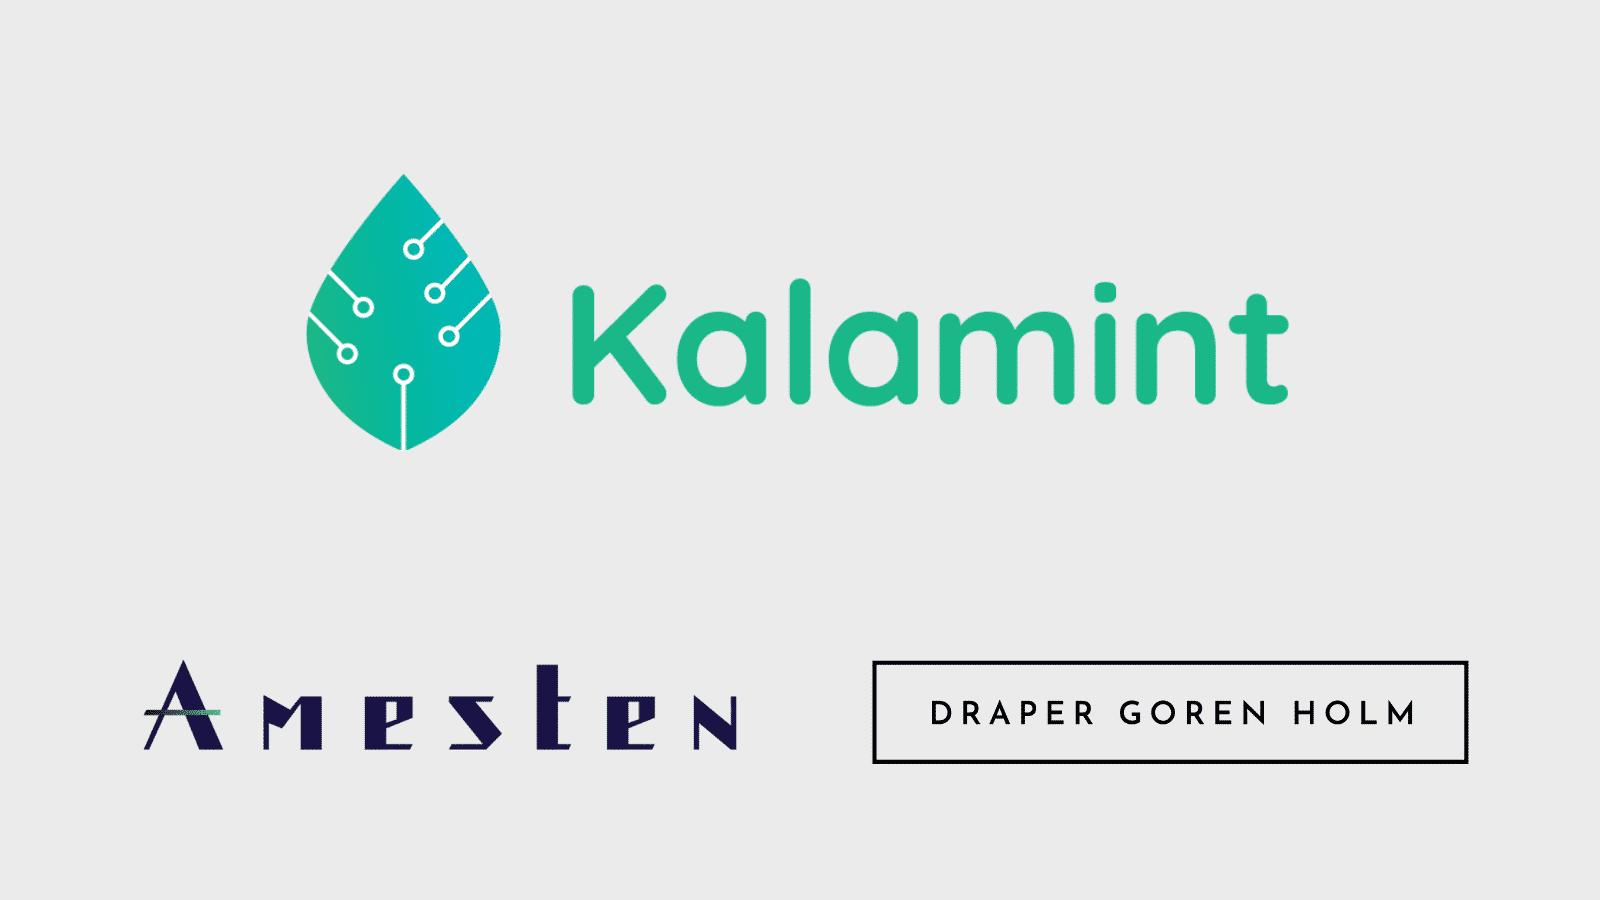 Kalamint